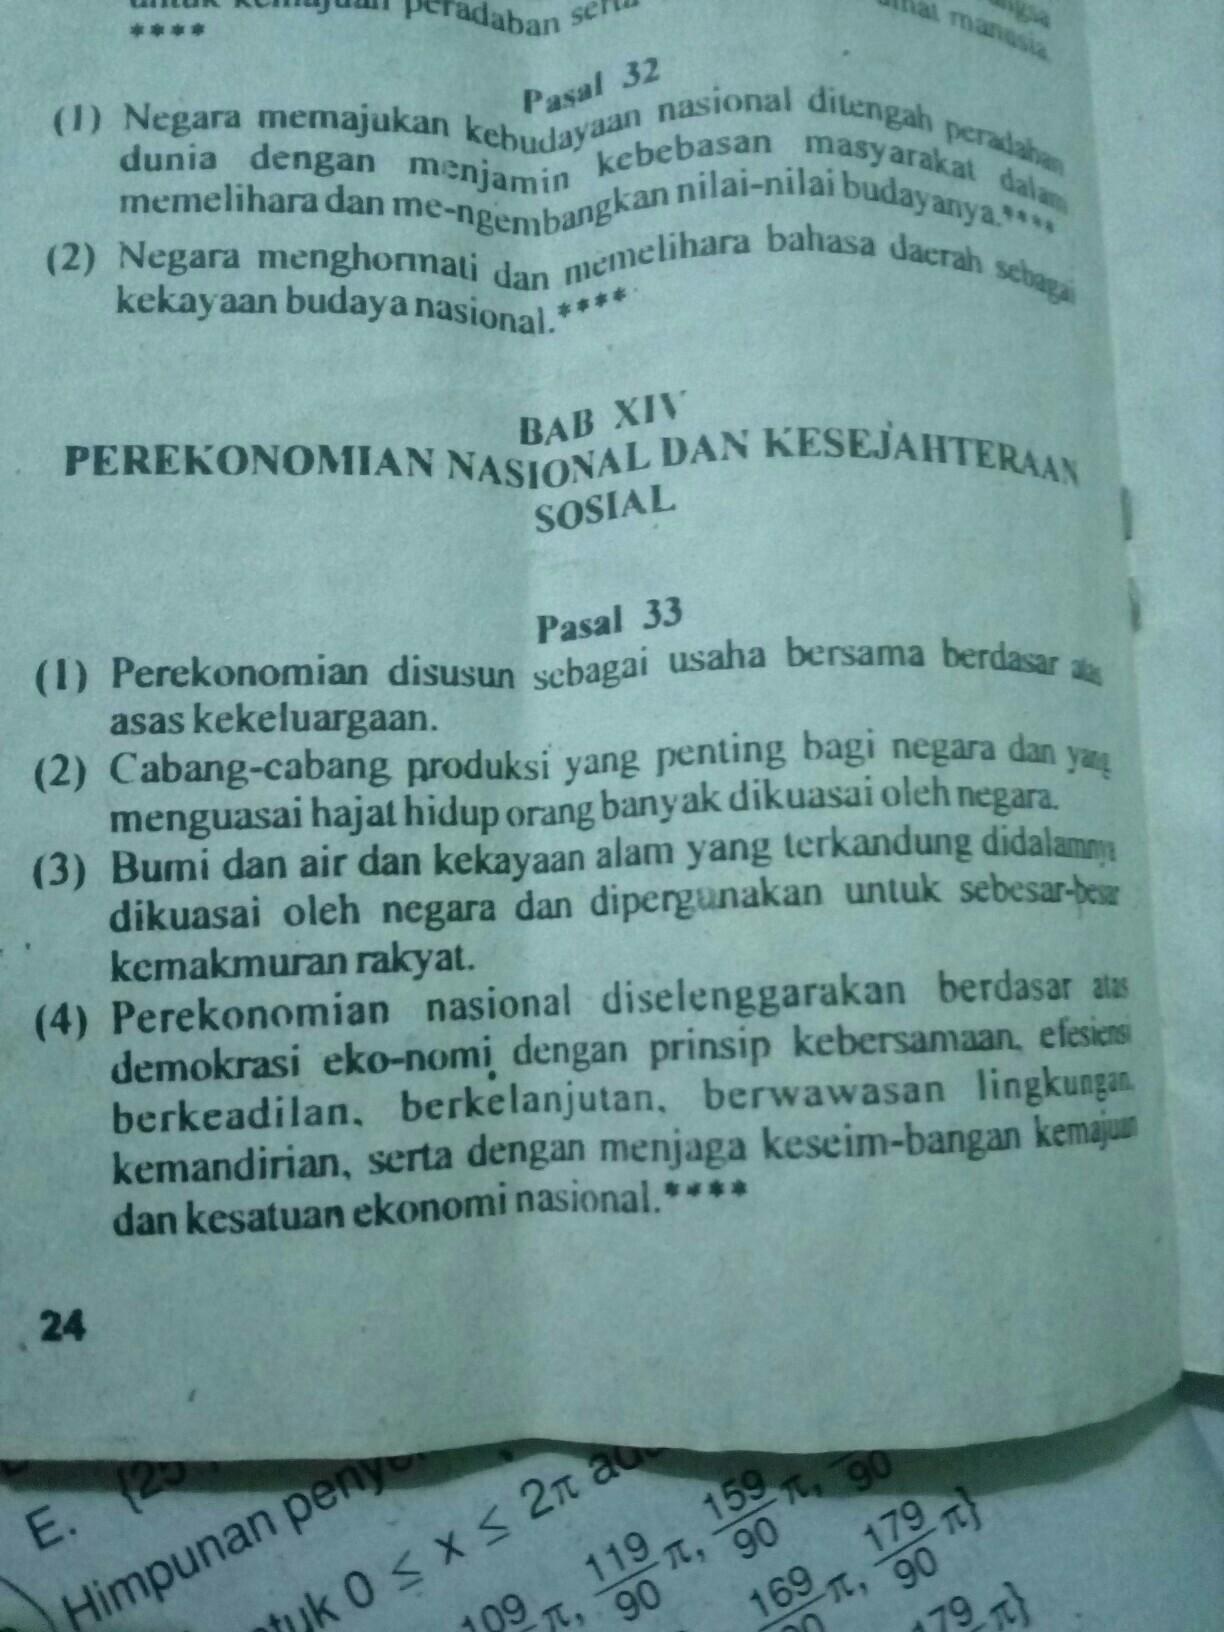 tuliskan isi dari pasal 33 UUD NRI tahun 1945 - Brainly co id